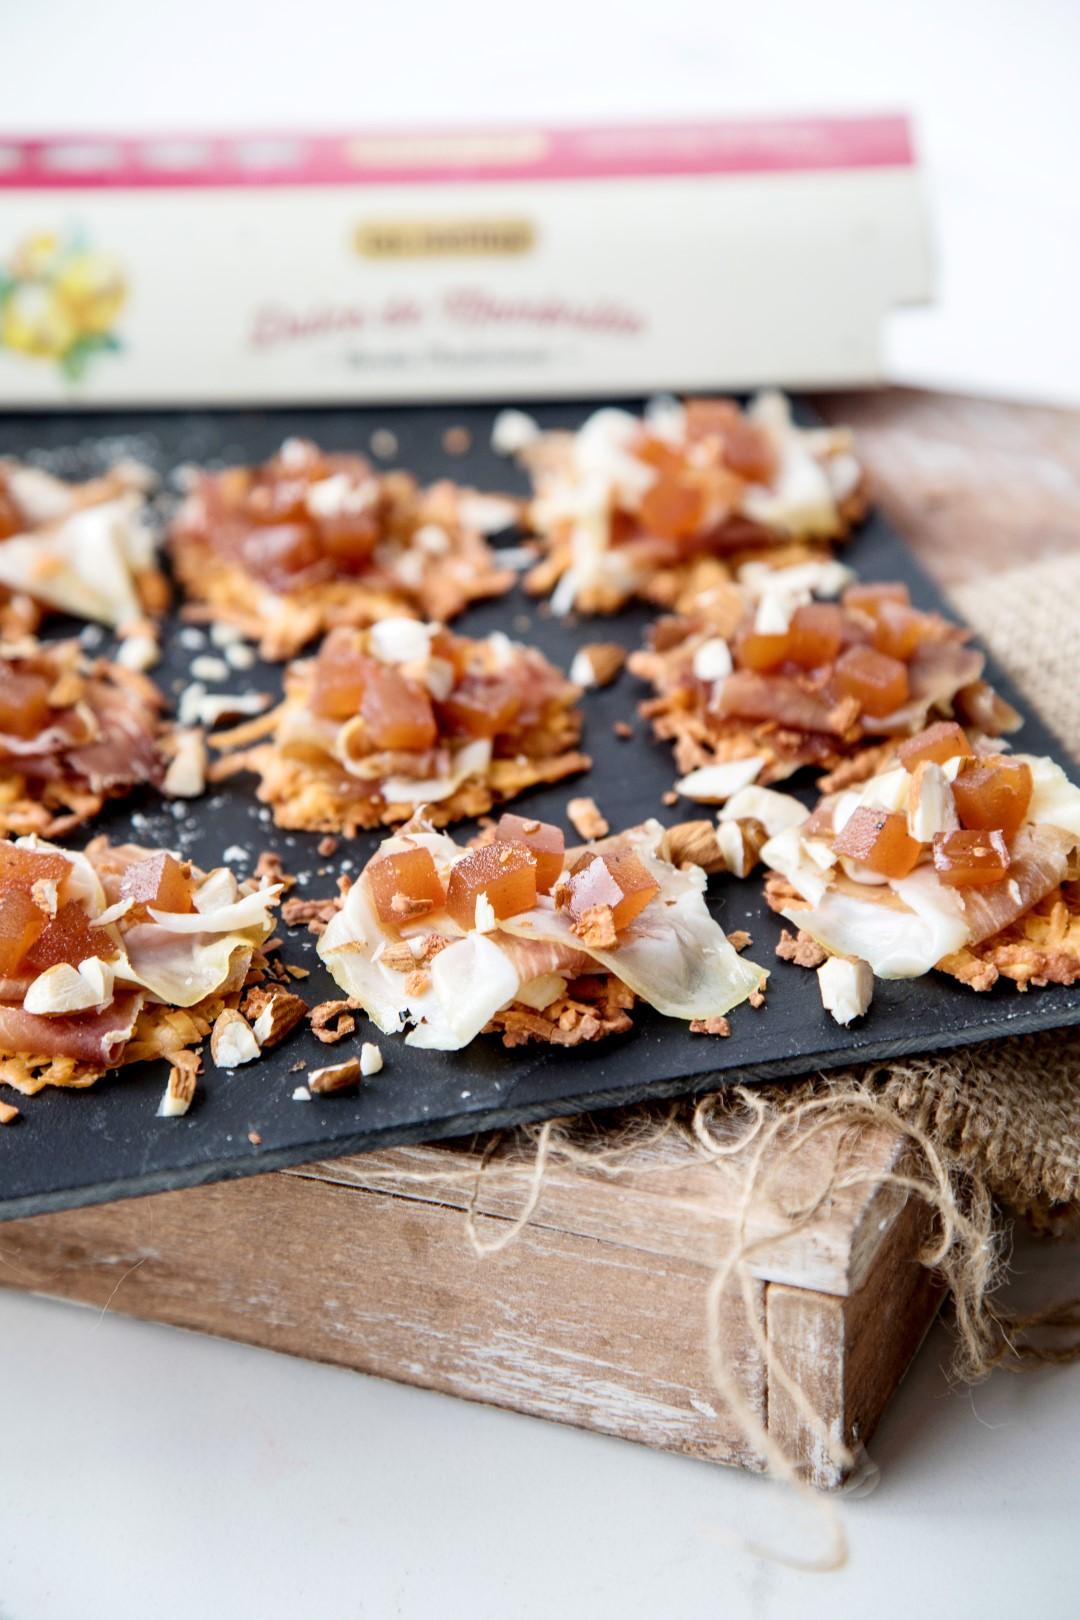 chips de queso parmesano, tuiles de parmesano, tejas de parmesano, jamón crudo y dulce de membrillo, bocaditos, fiestas, recetas para navidad.